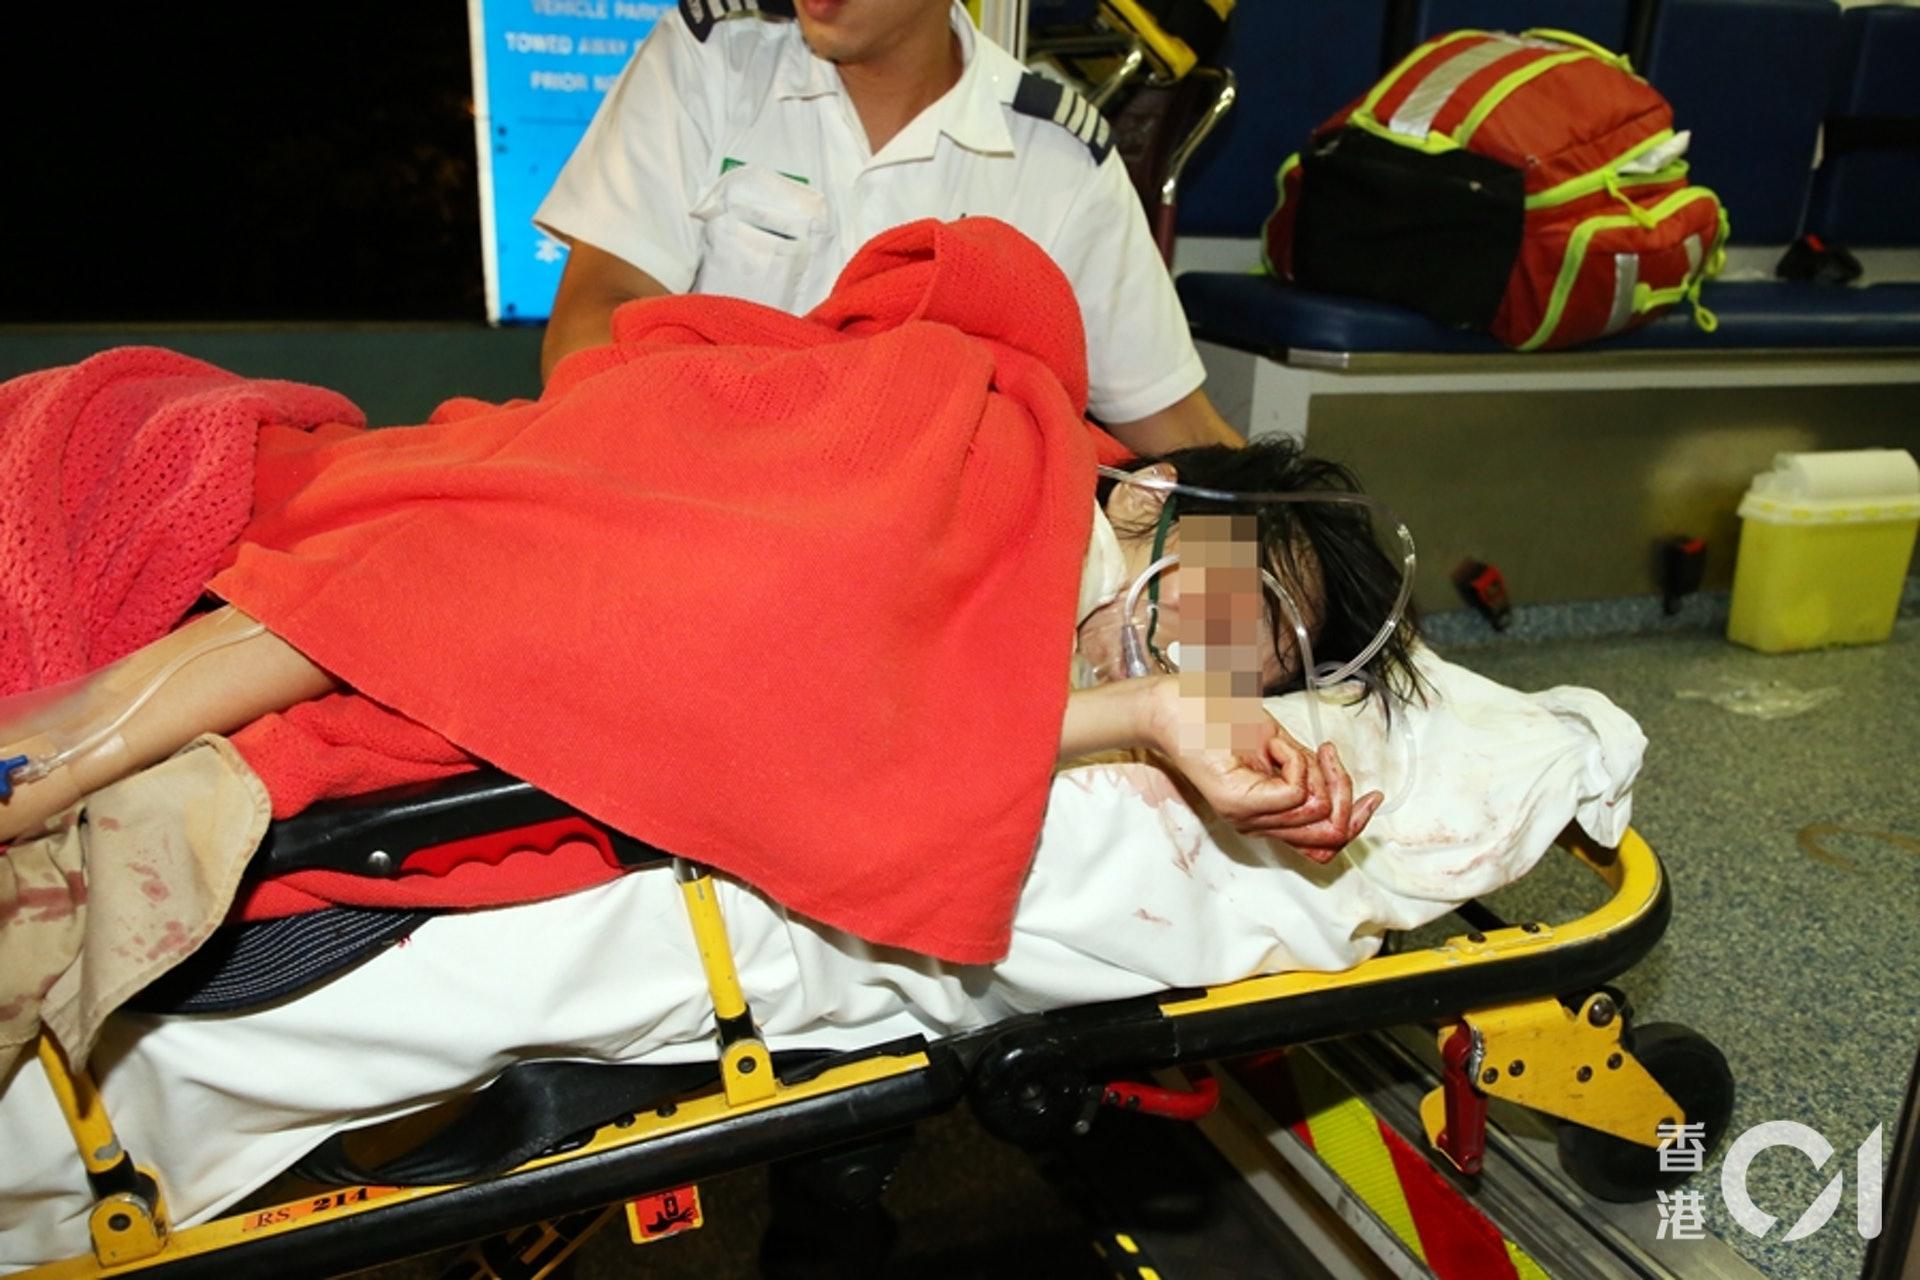 女子受刀傷重創,急送伊利沙伯醫院搶救。